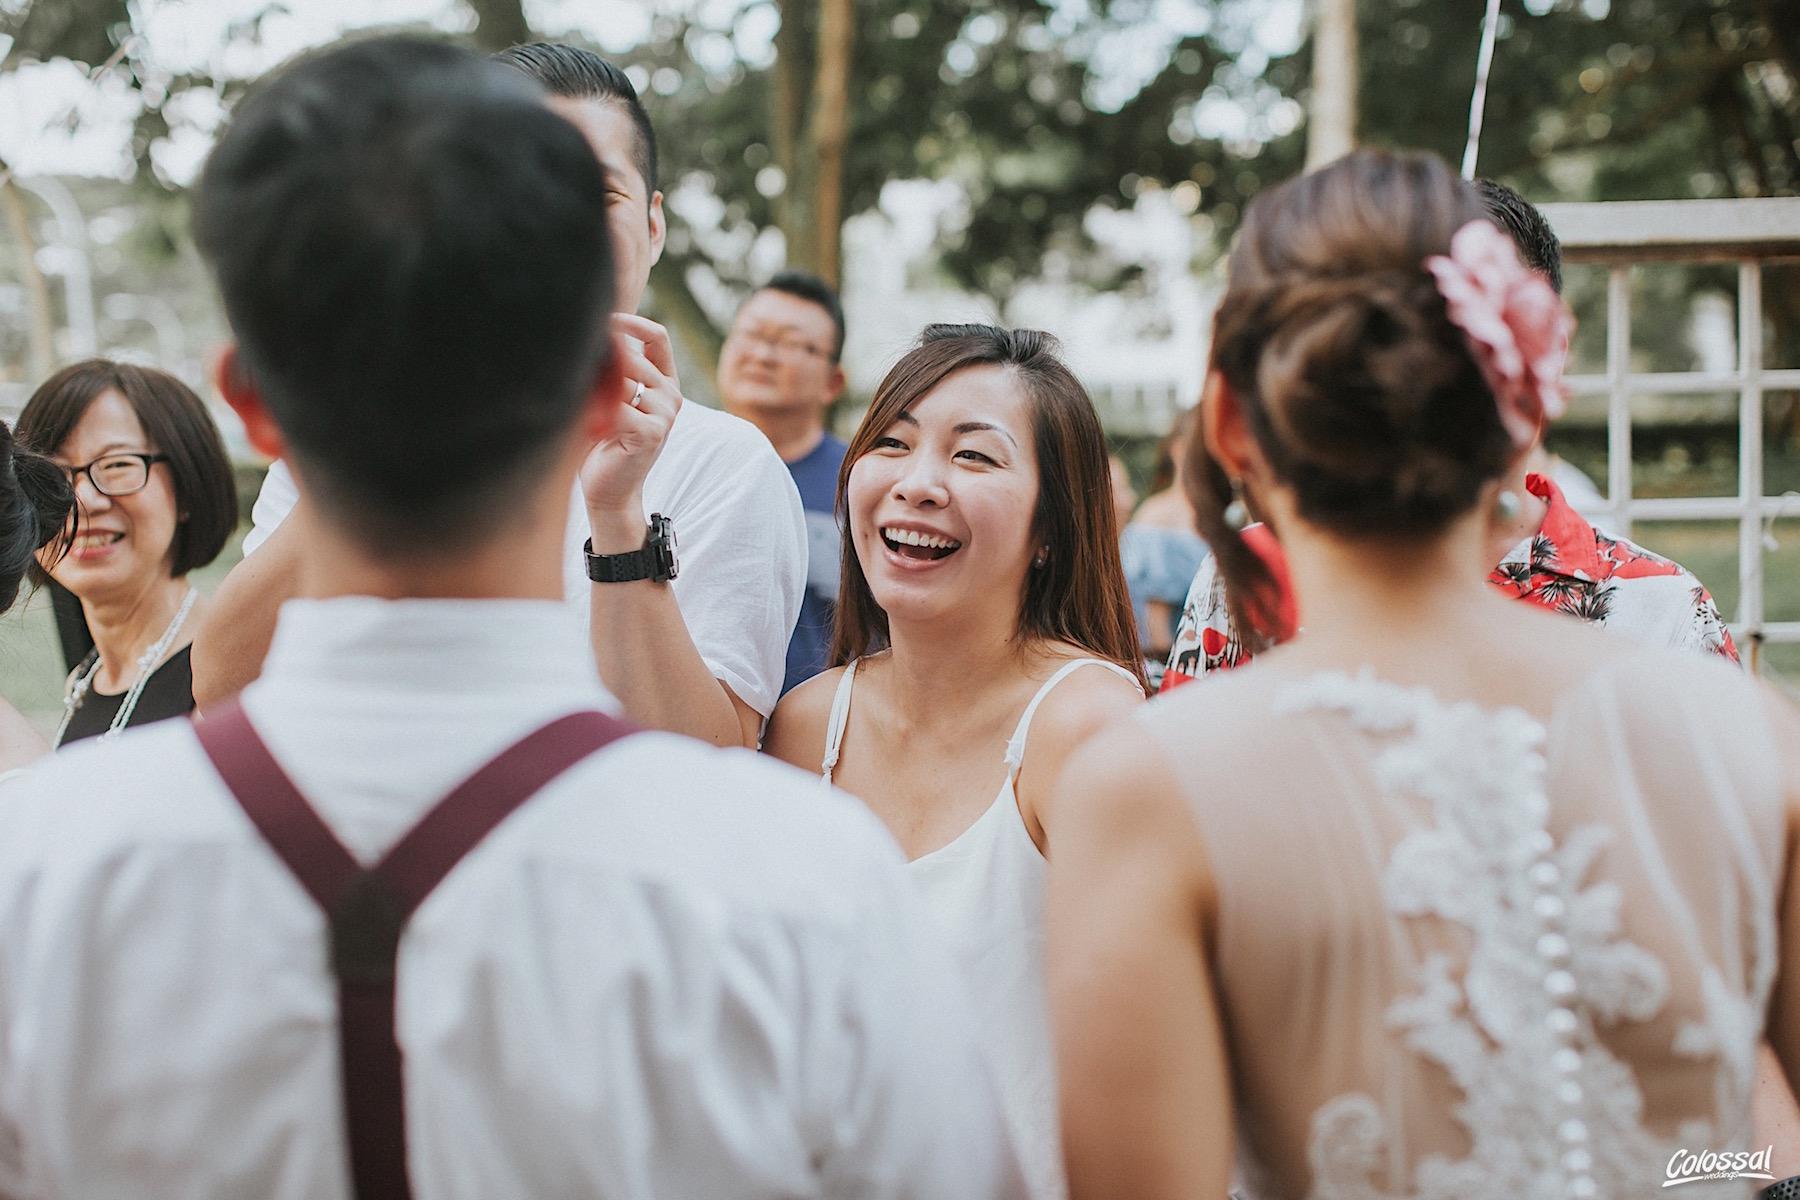 MartinChanel_ColossalWeddings021_WeddingParty.jpg